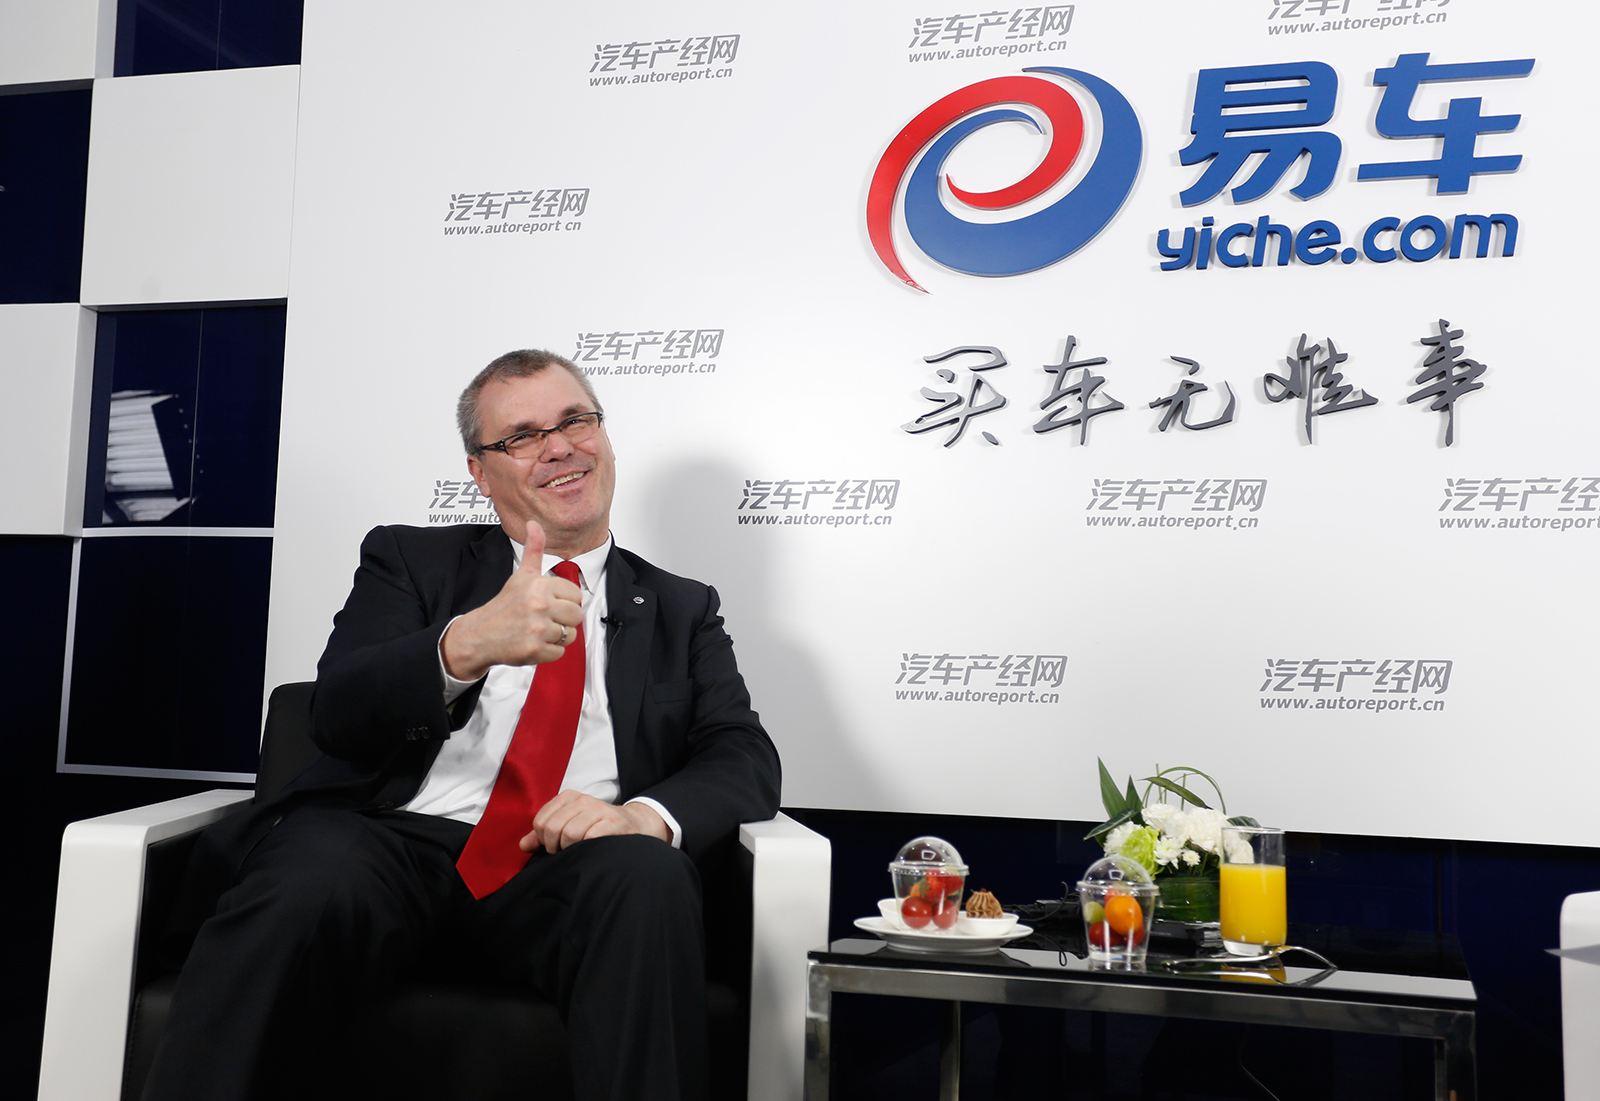 郑州日产潘毅辛:以自主品牌的价格 提供合资品牌质量的产品